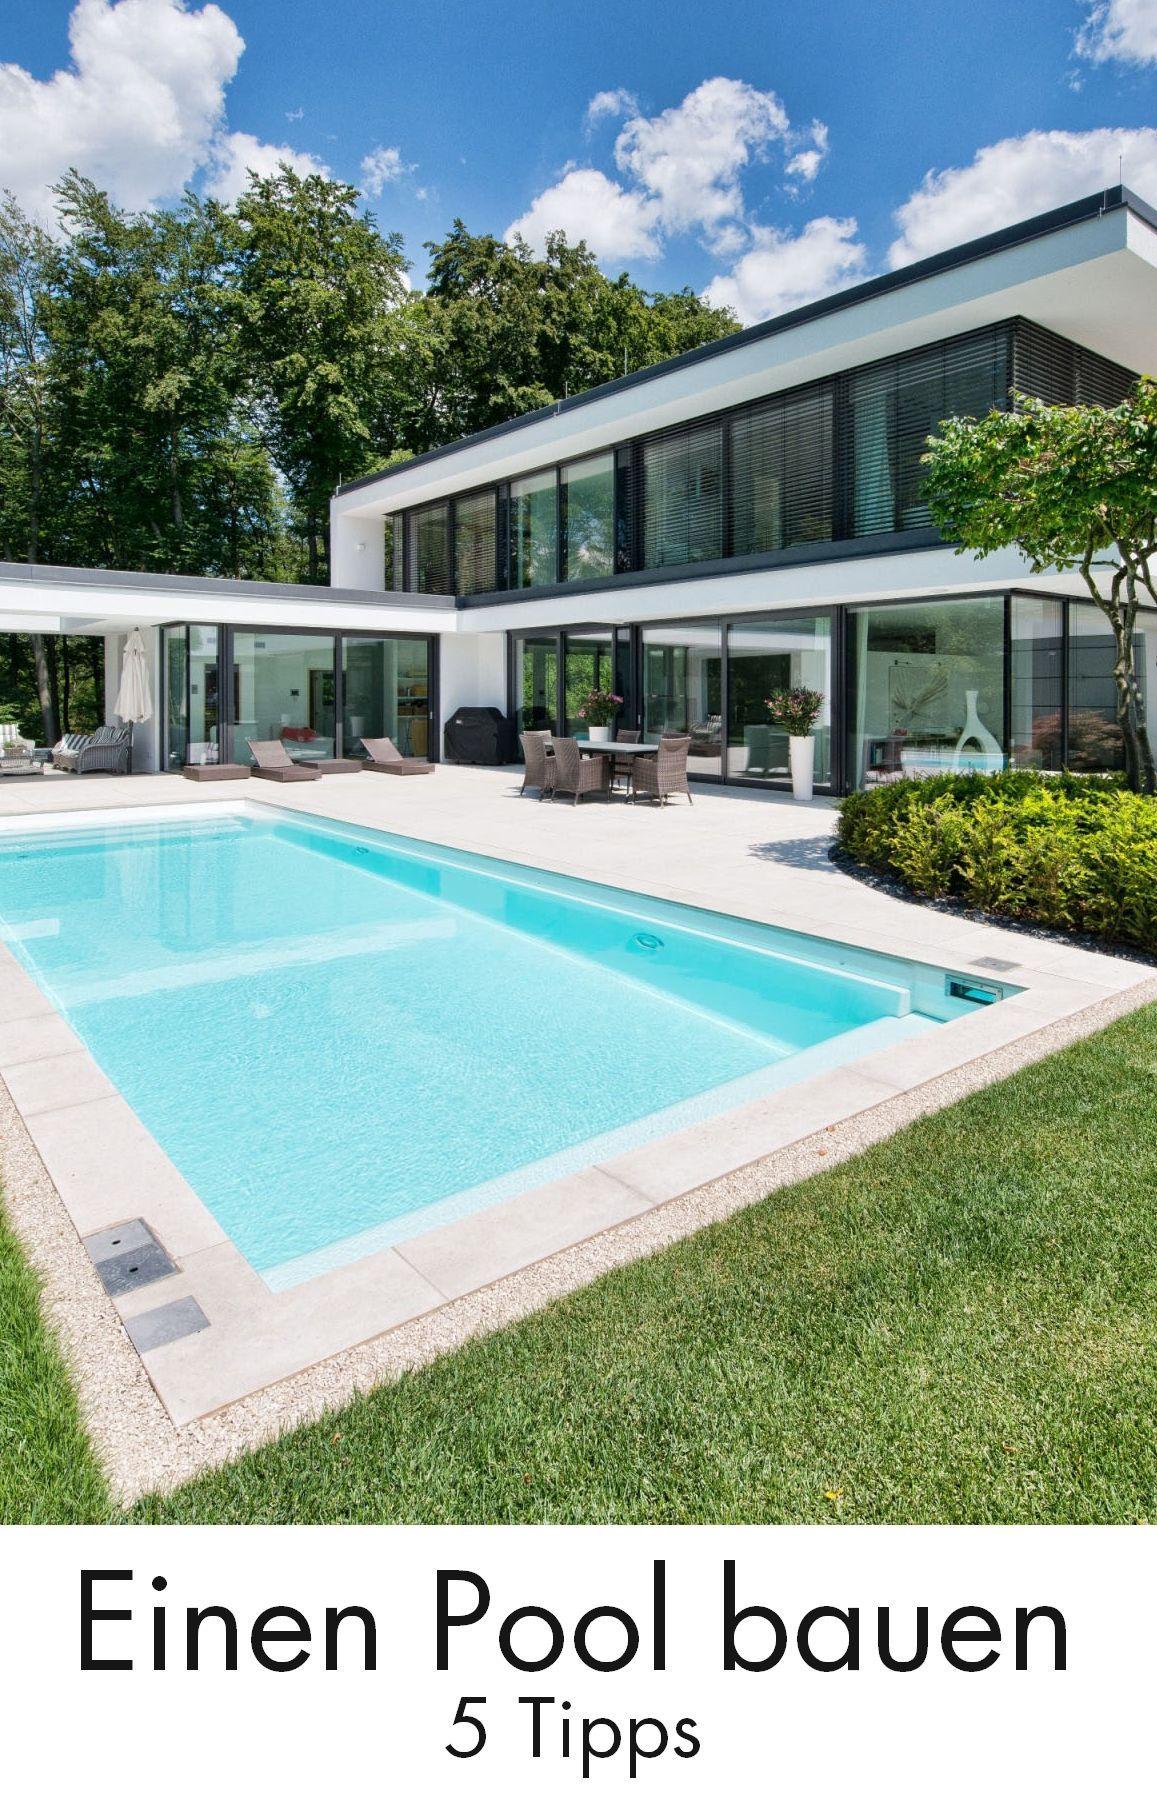 Einen Pool bauen: 5 Tipps für den Badespaß #poolimgartenideen